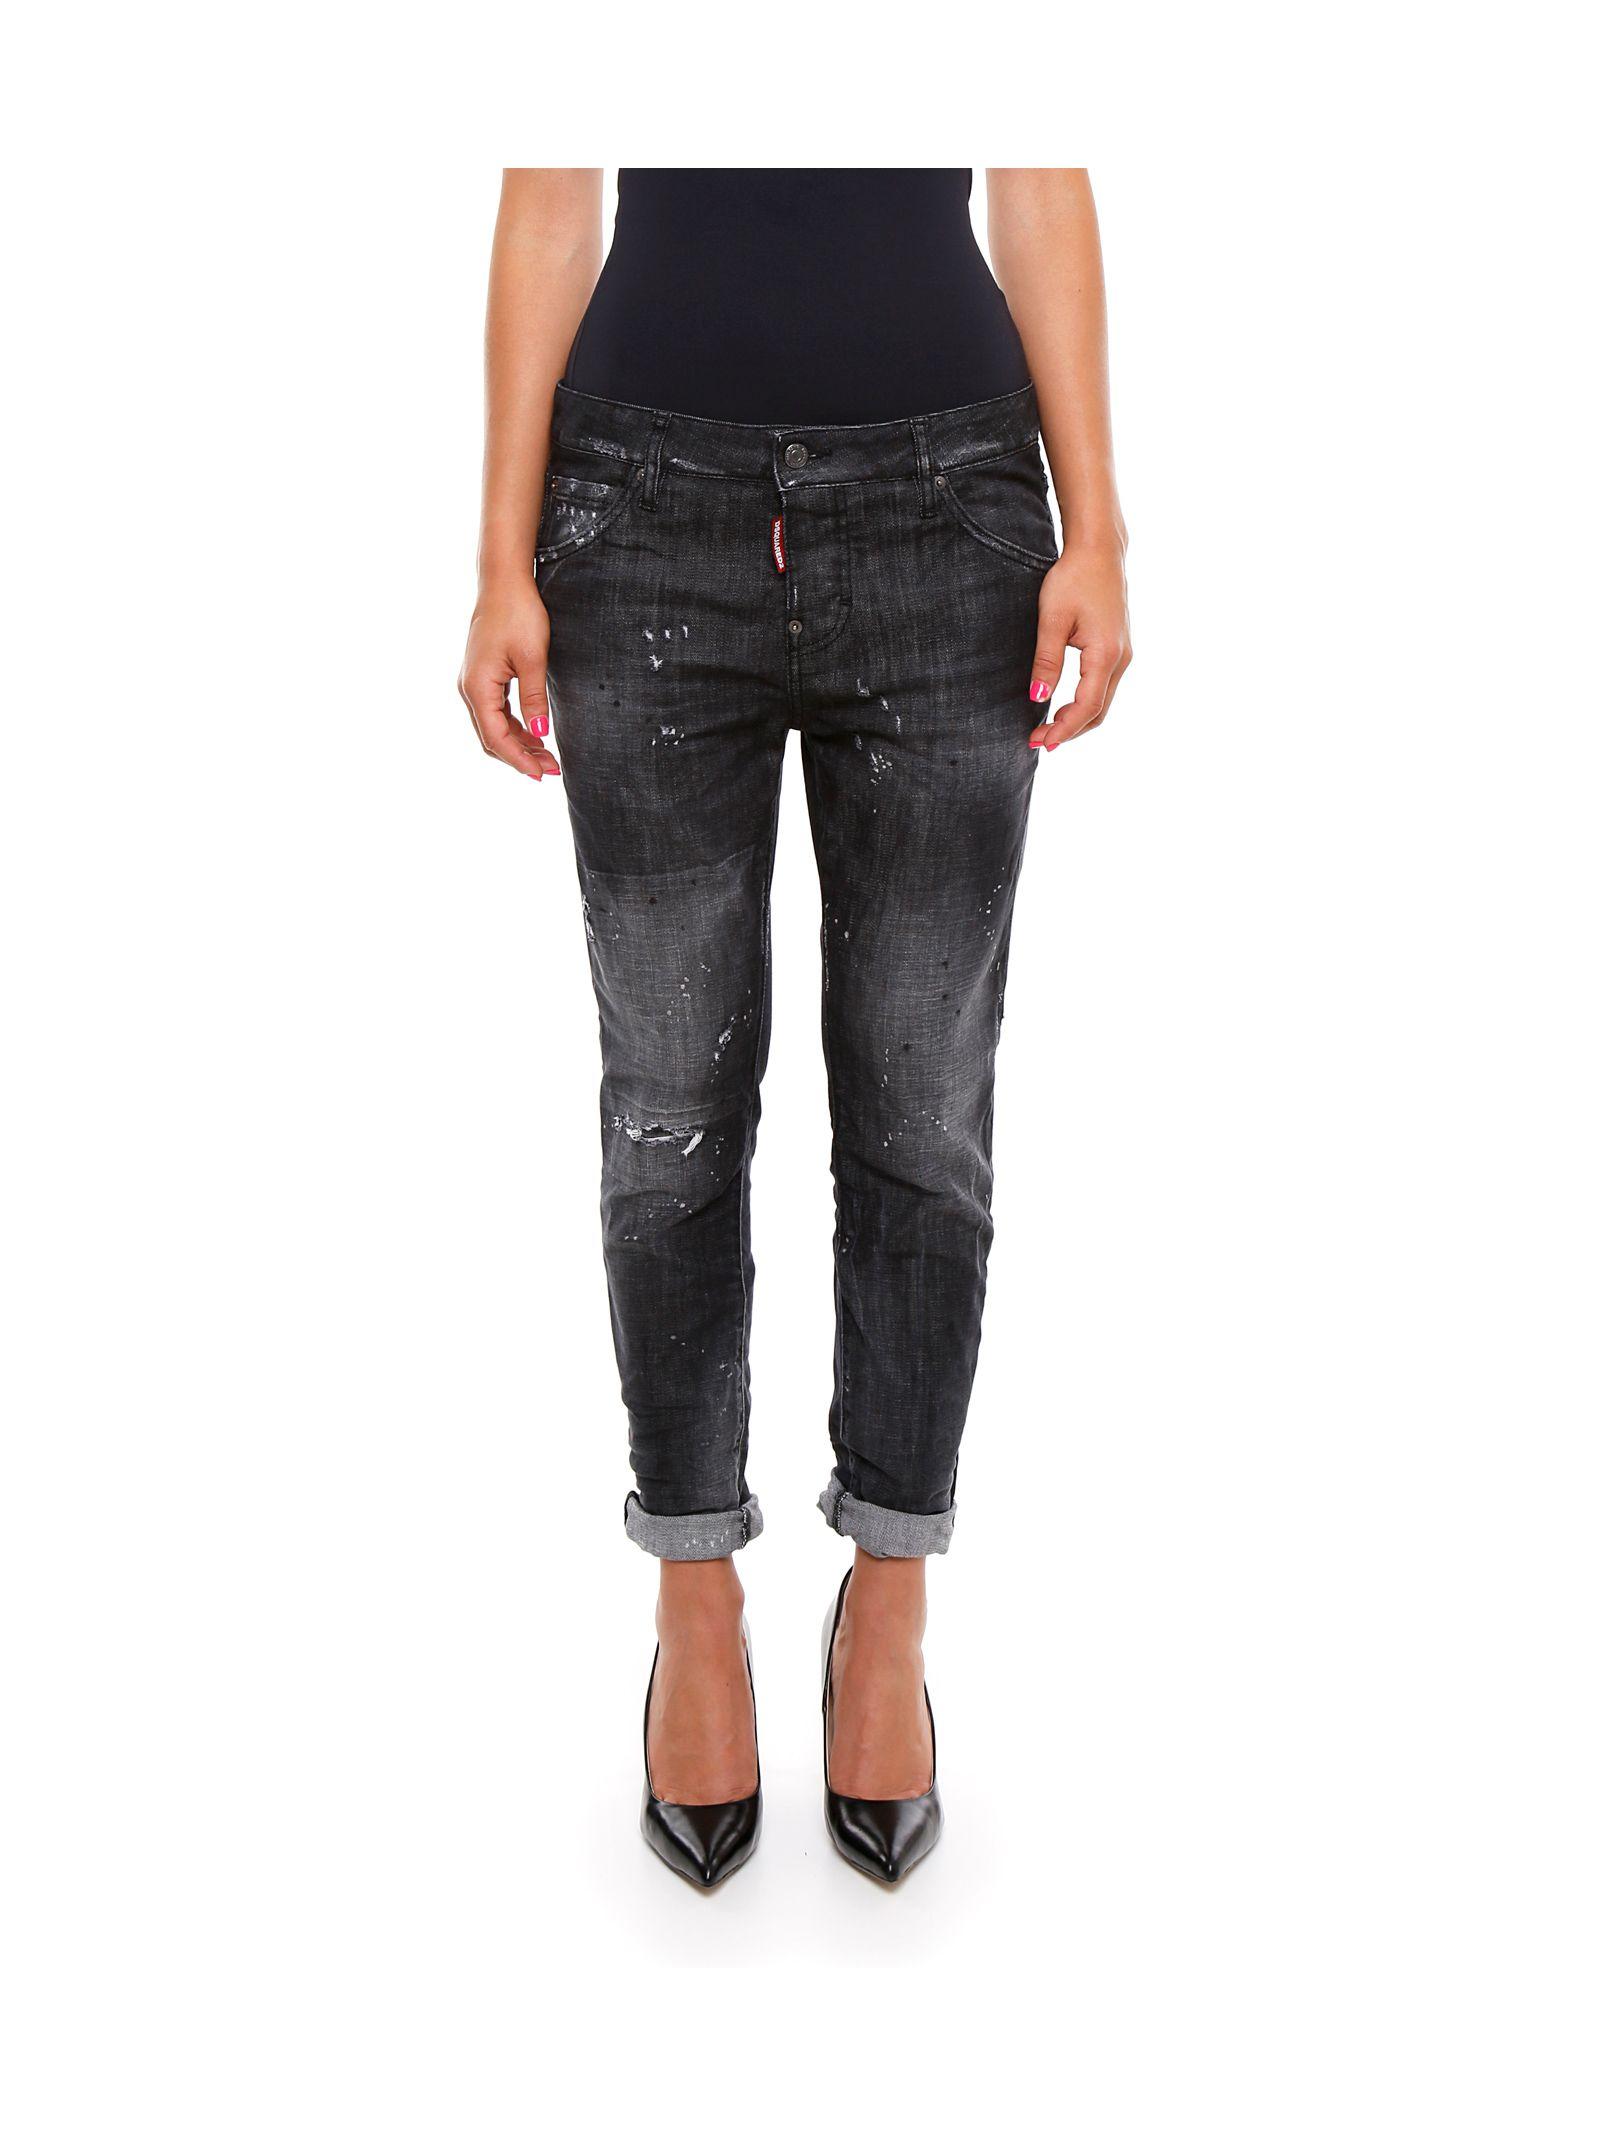 Jeanși de damă DSQUARED2, cu talie înaltă, model fashion